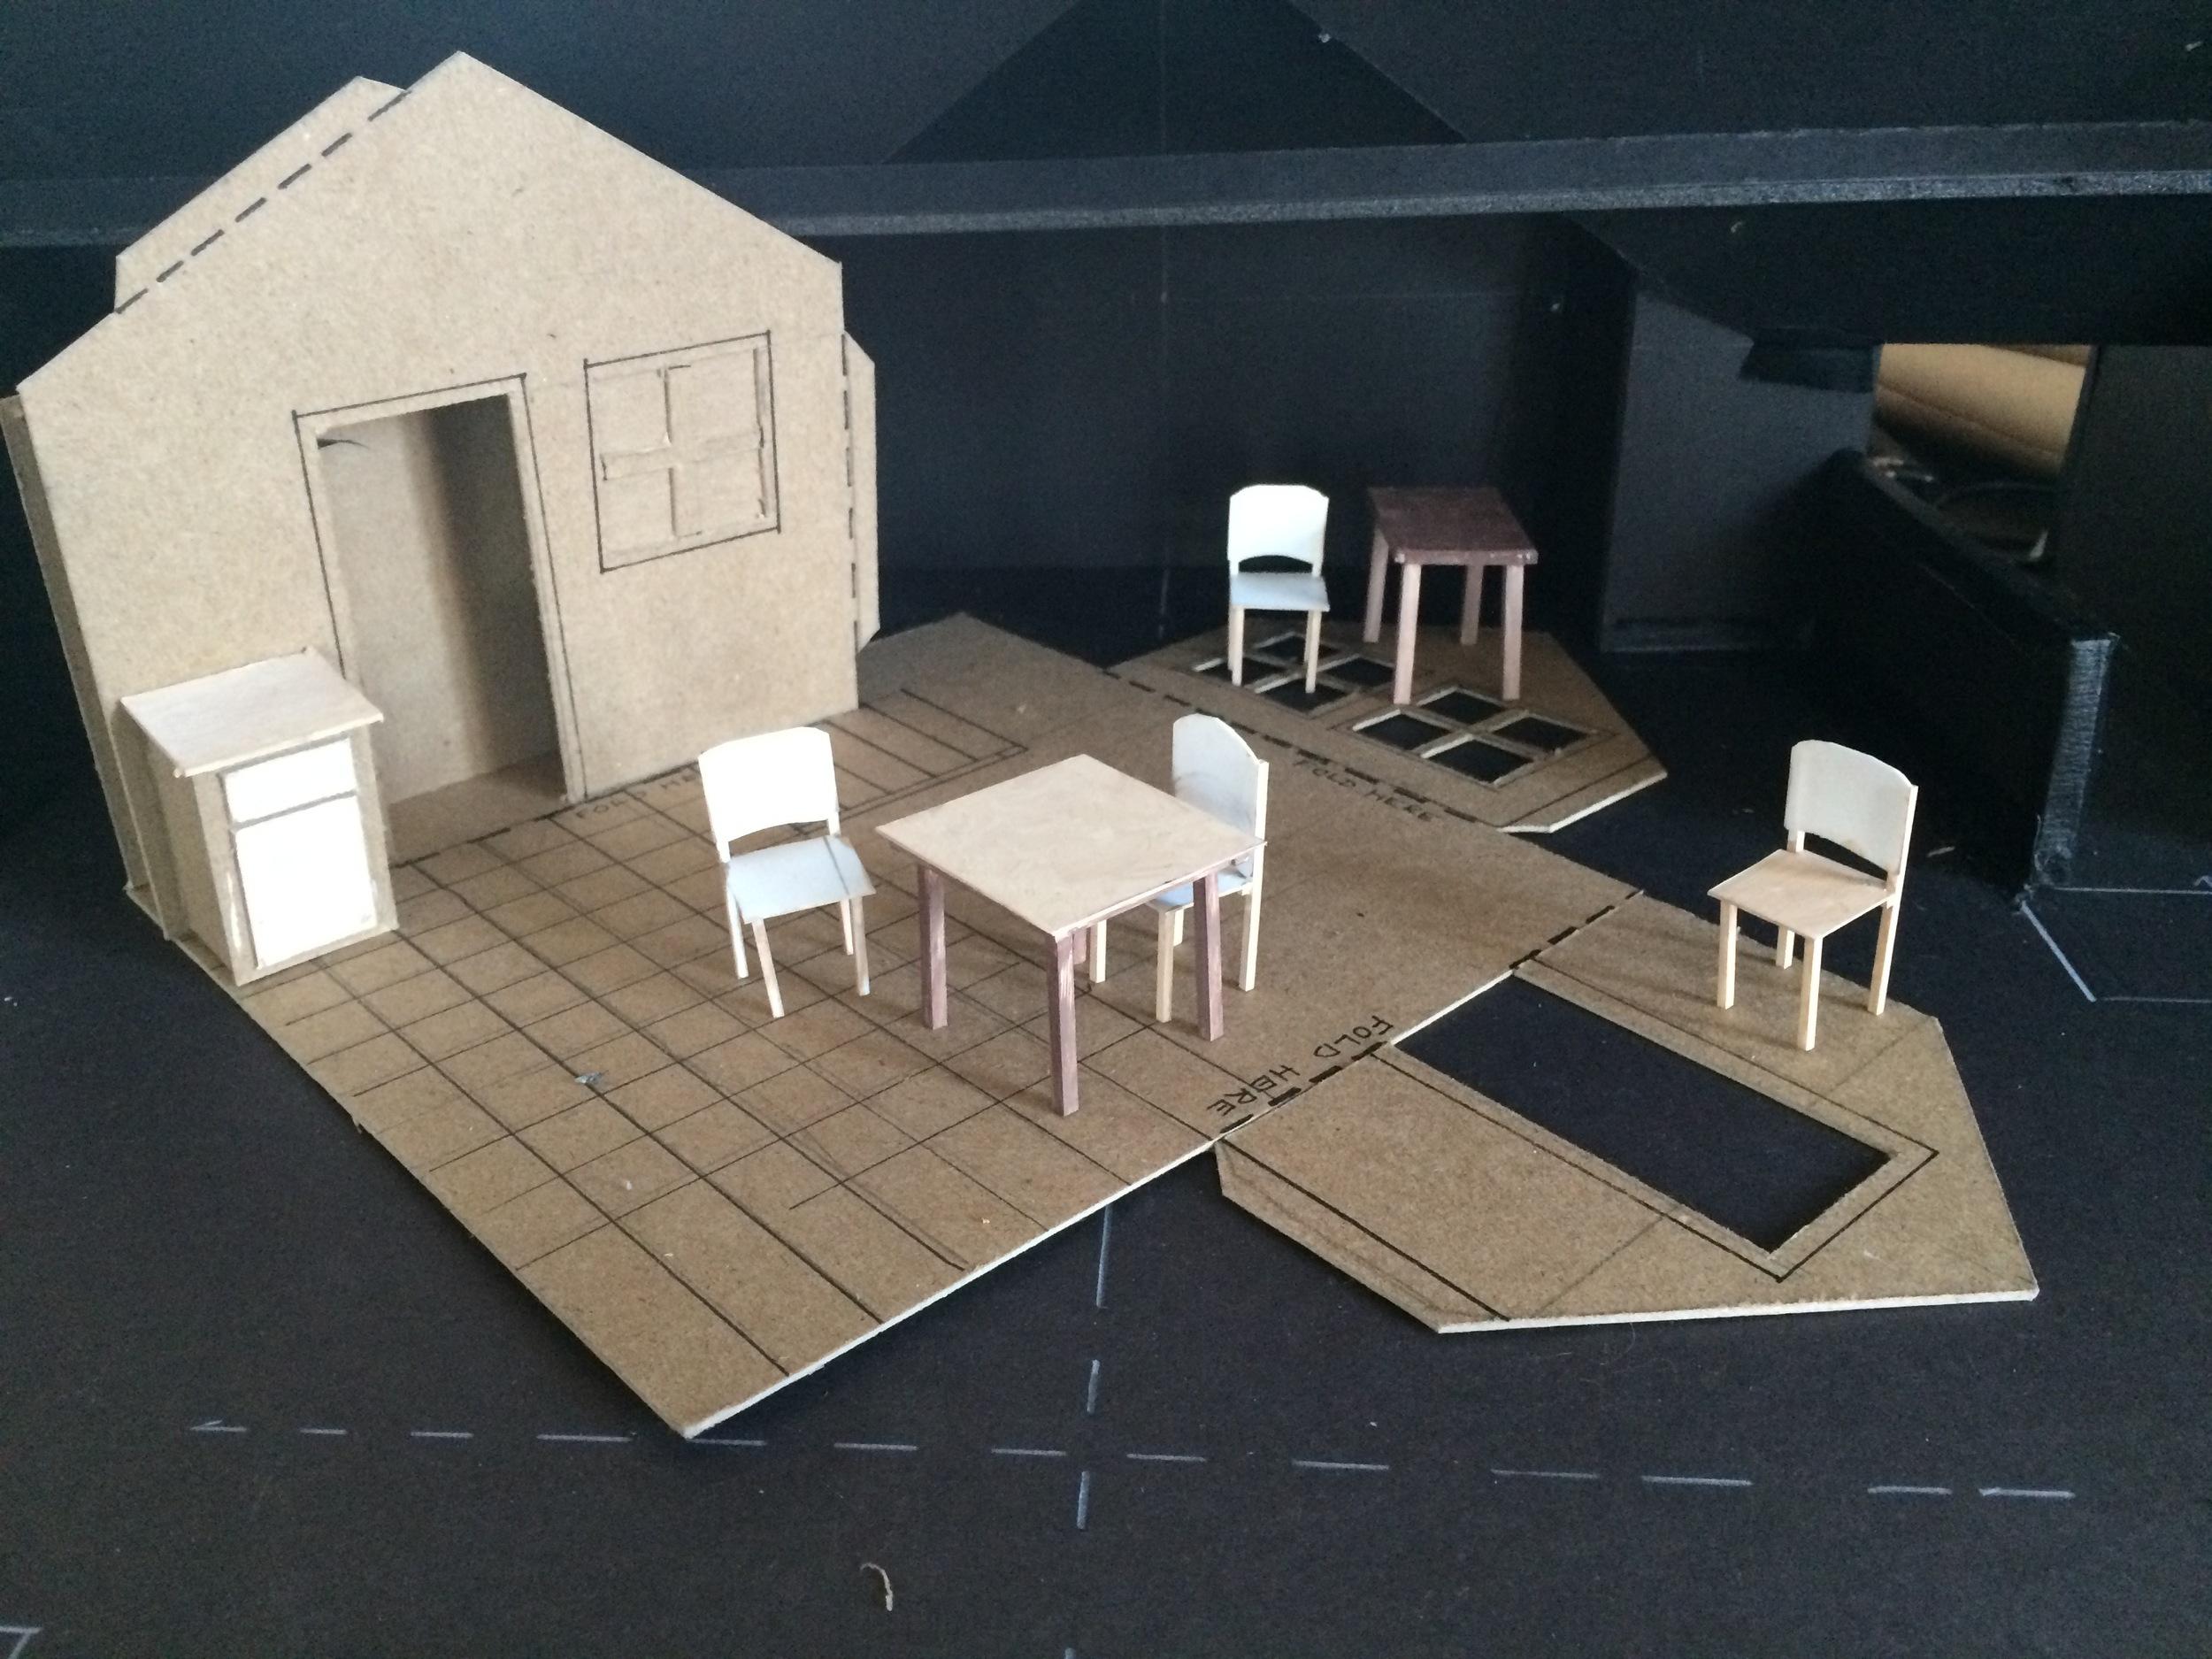 Salt  model and image by Anna Treusch